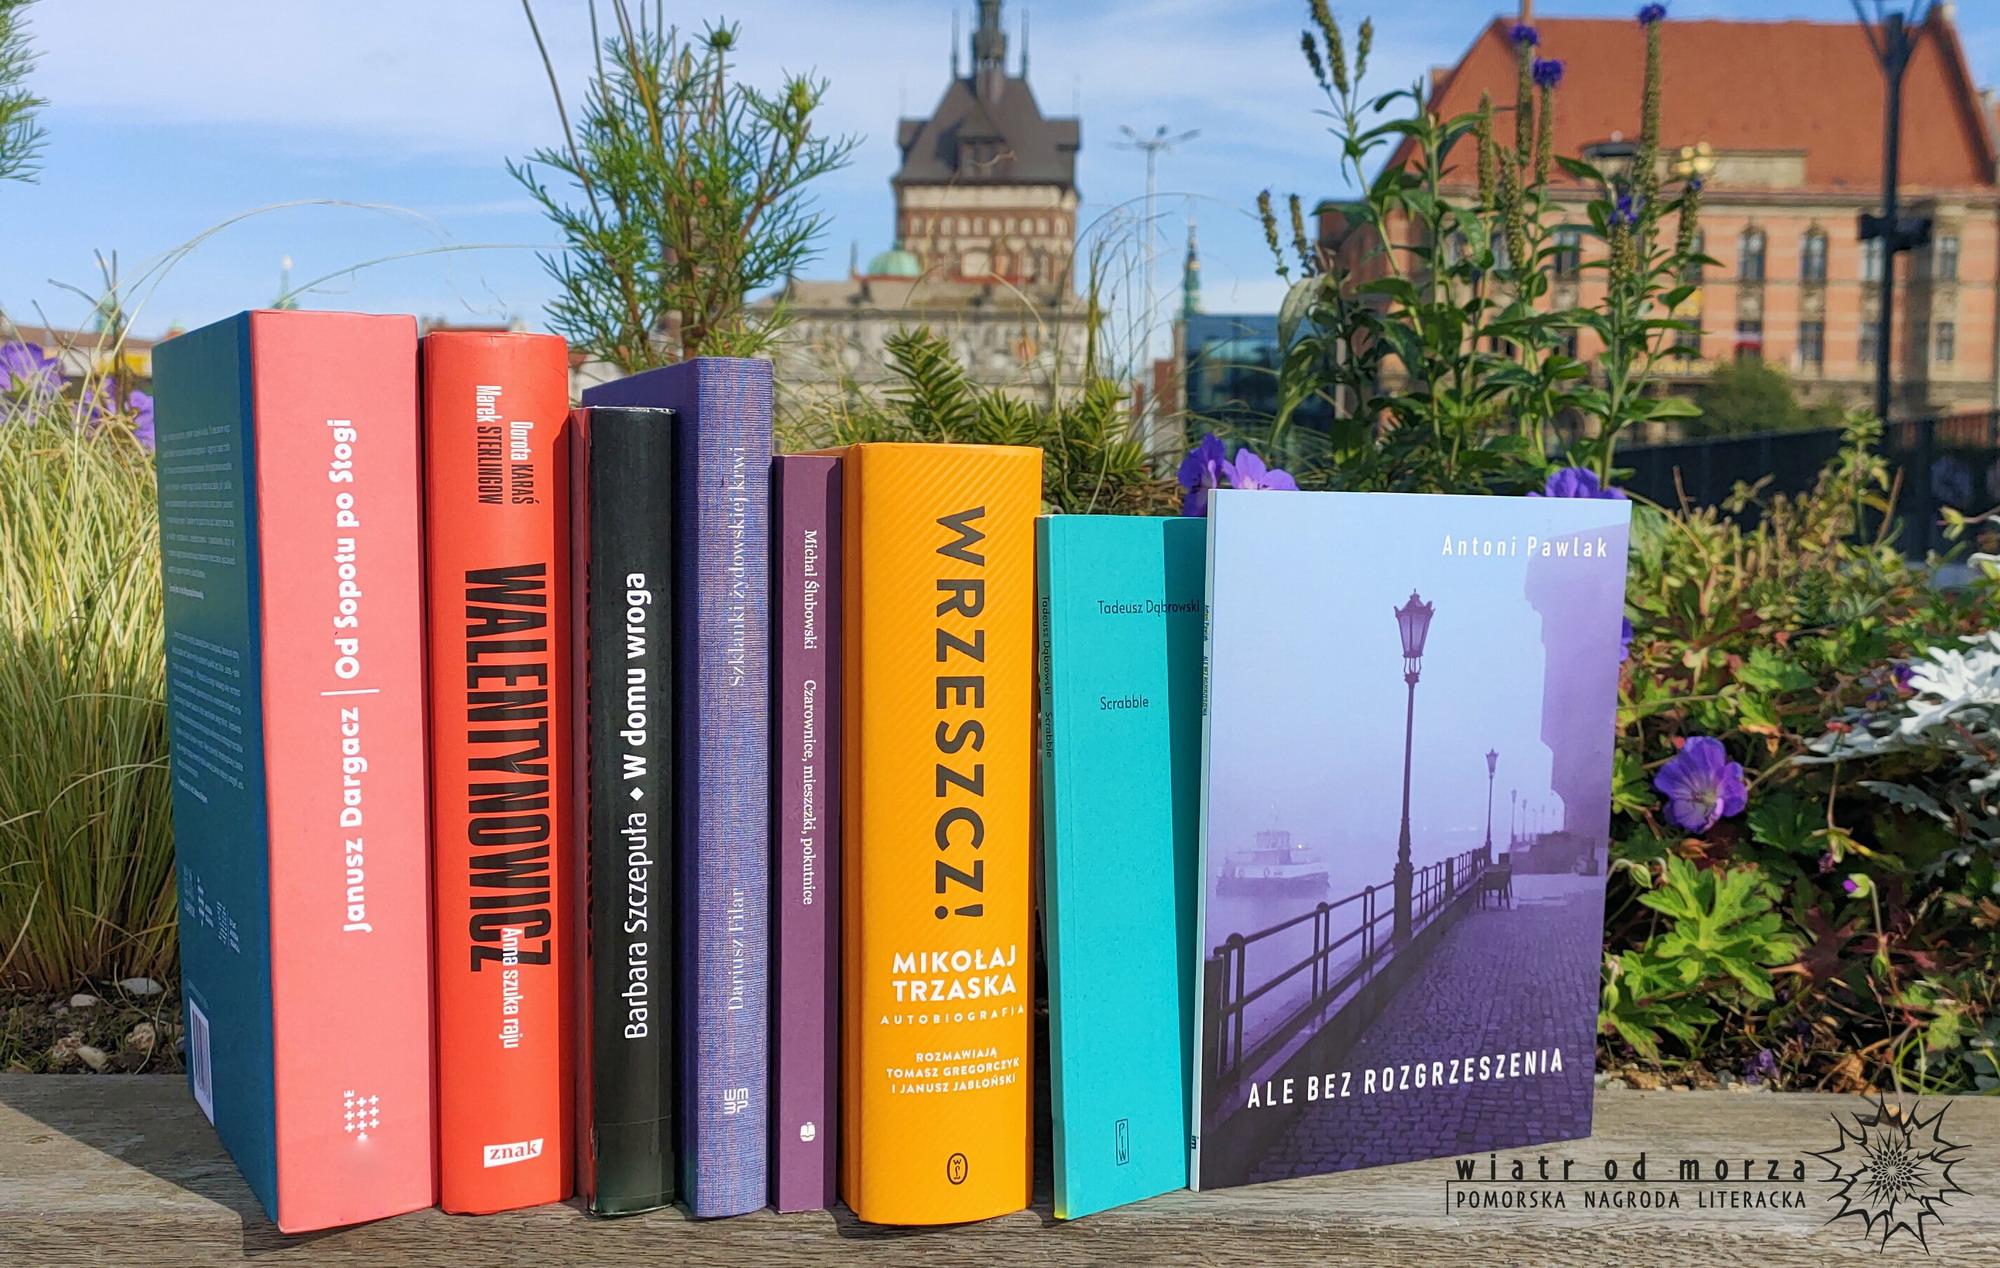 Wiersze, powieść czy reportaż? Kto jest nominowany do nagrody literackiej Wiatr od Morza